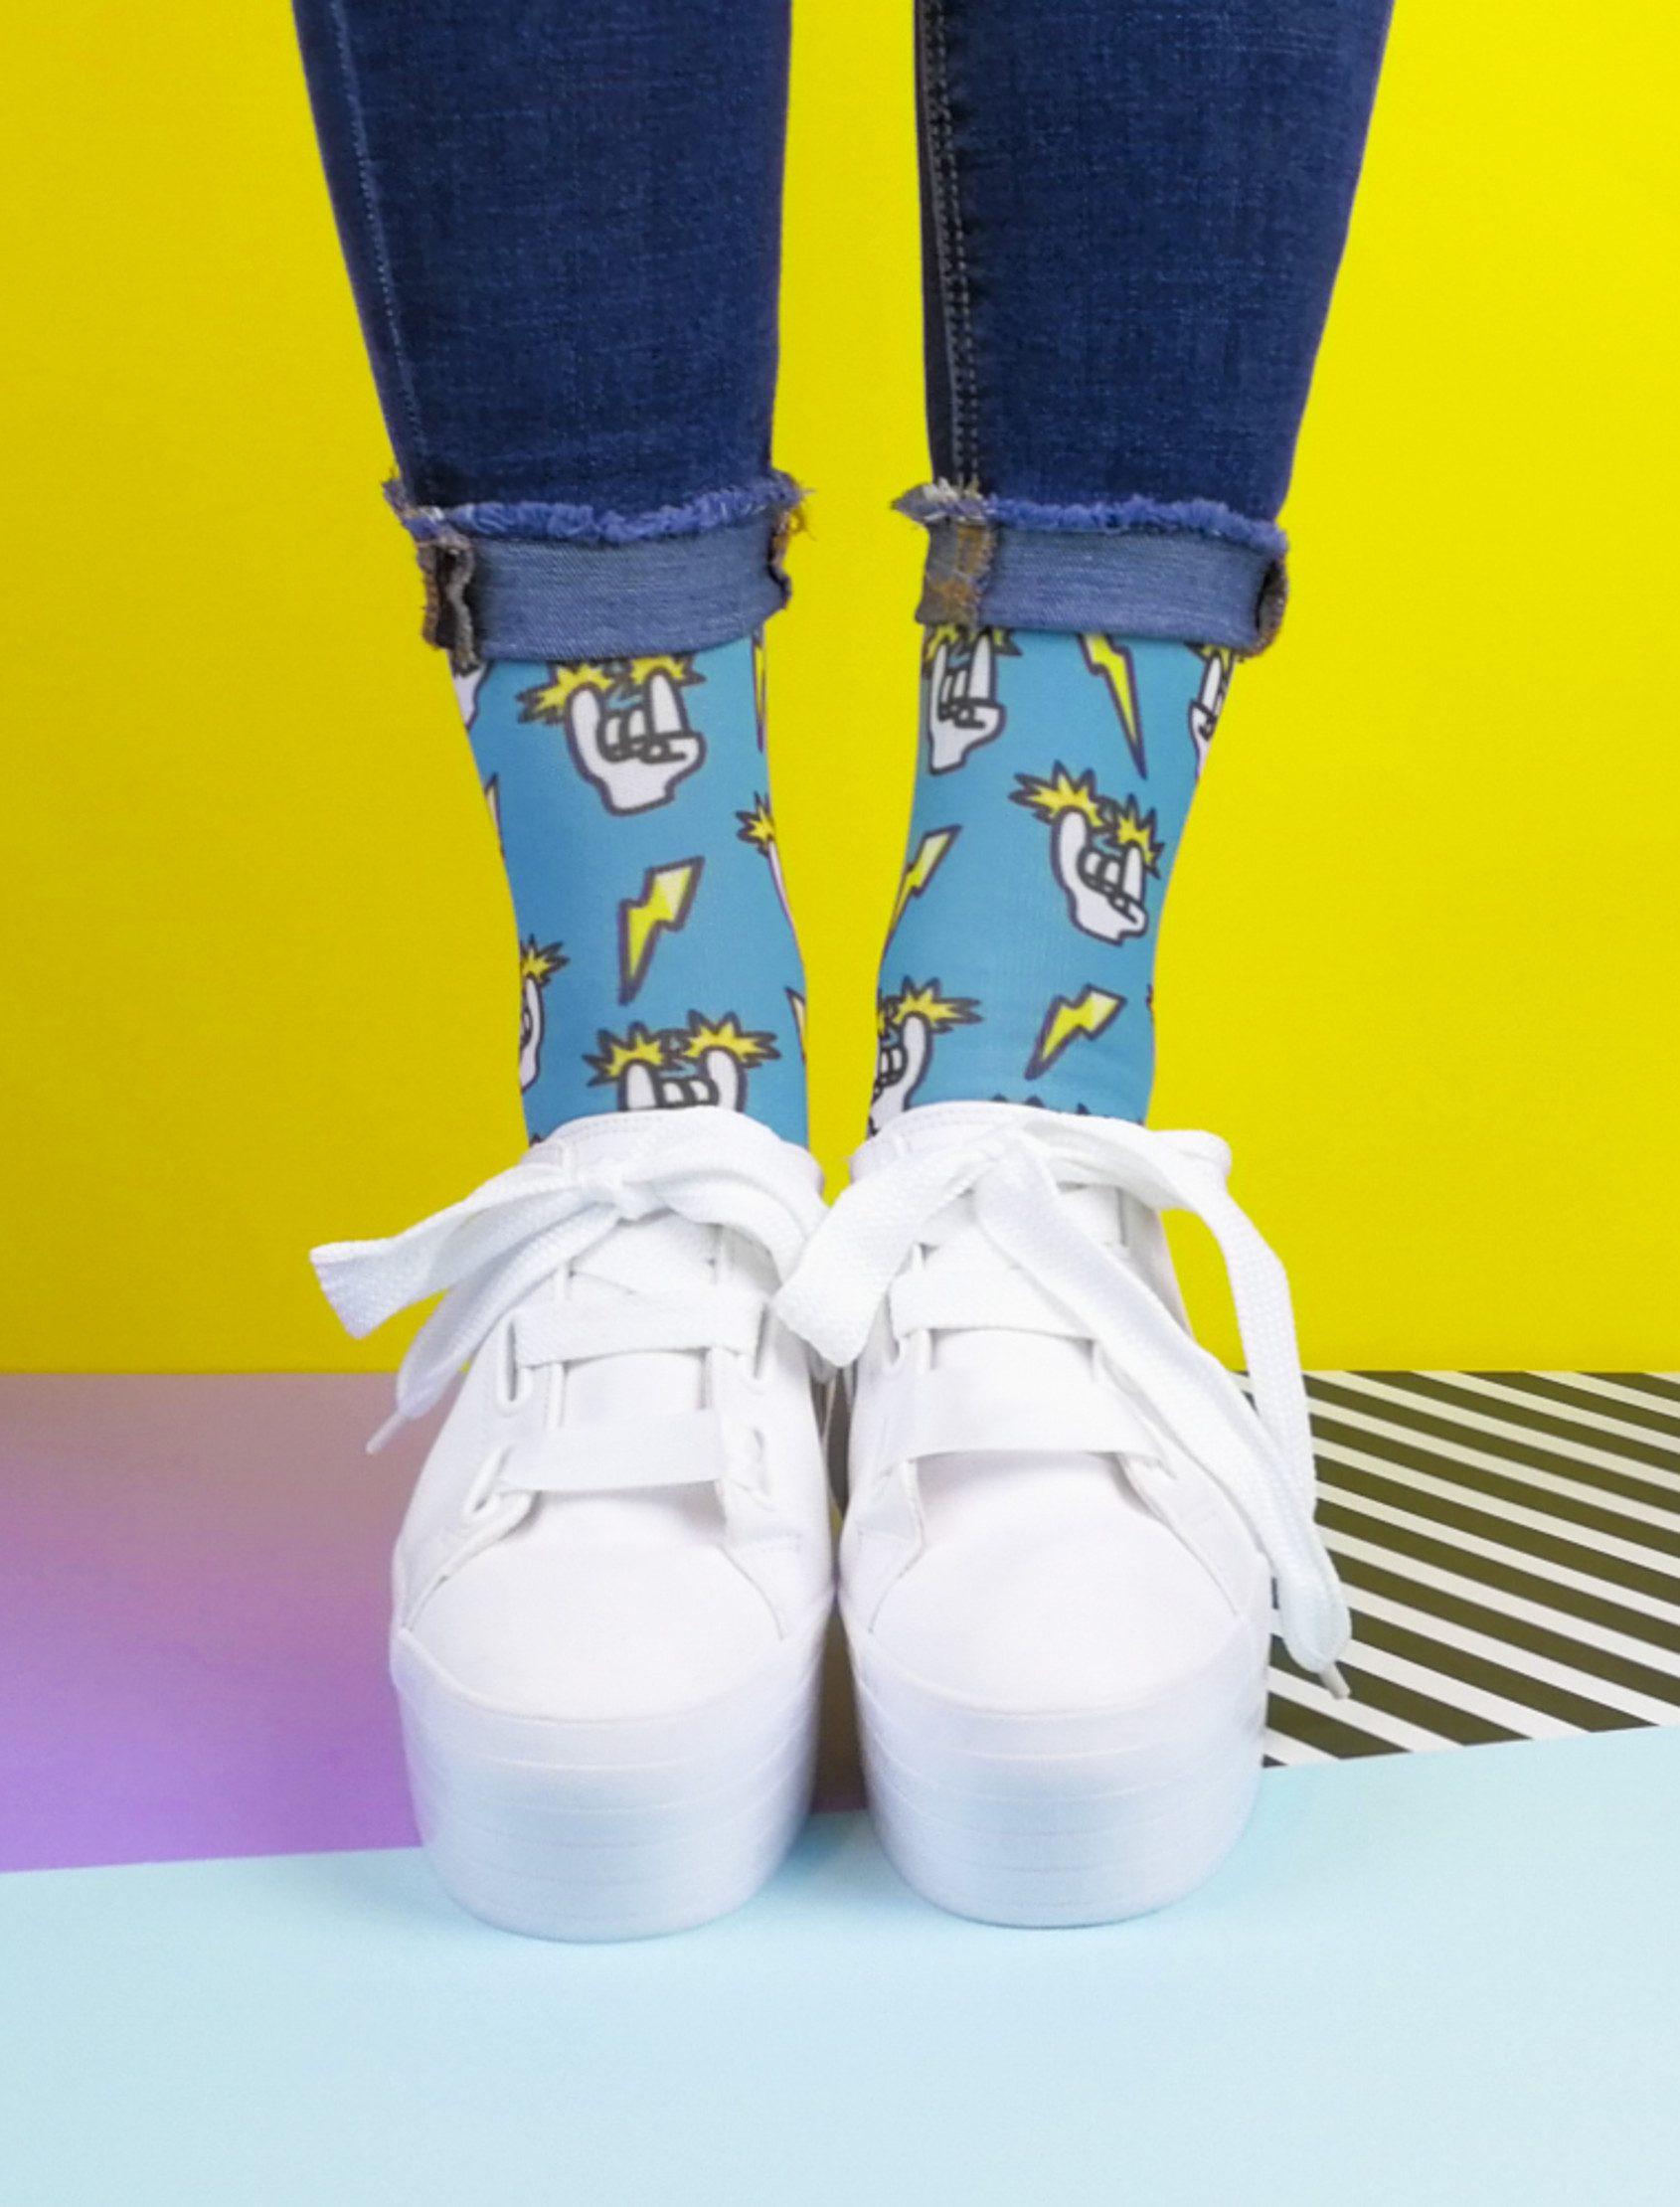 Calcetines estampados con un rollo muy rockero . Calcetines originales para hombre y mujer realizados en un tejido de alta calidad y tacto suave para que tus pies estén calentitos y confortables. Sube el volumen déjate llevar por la música ...yeah!!